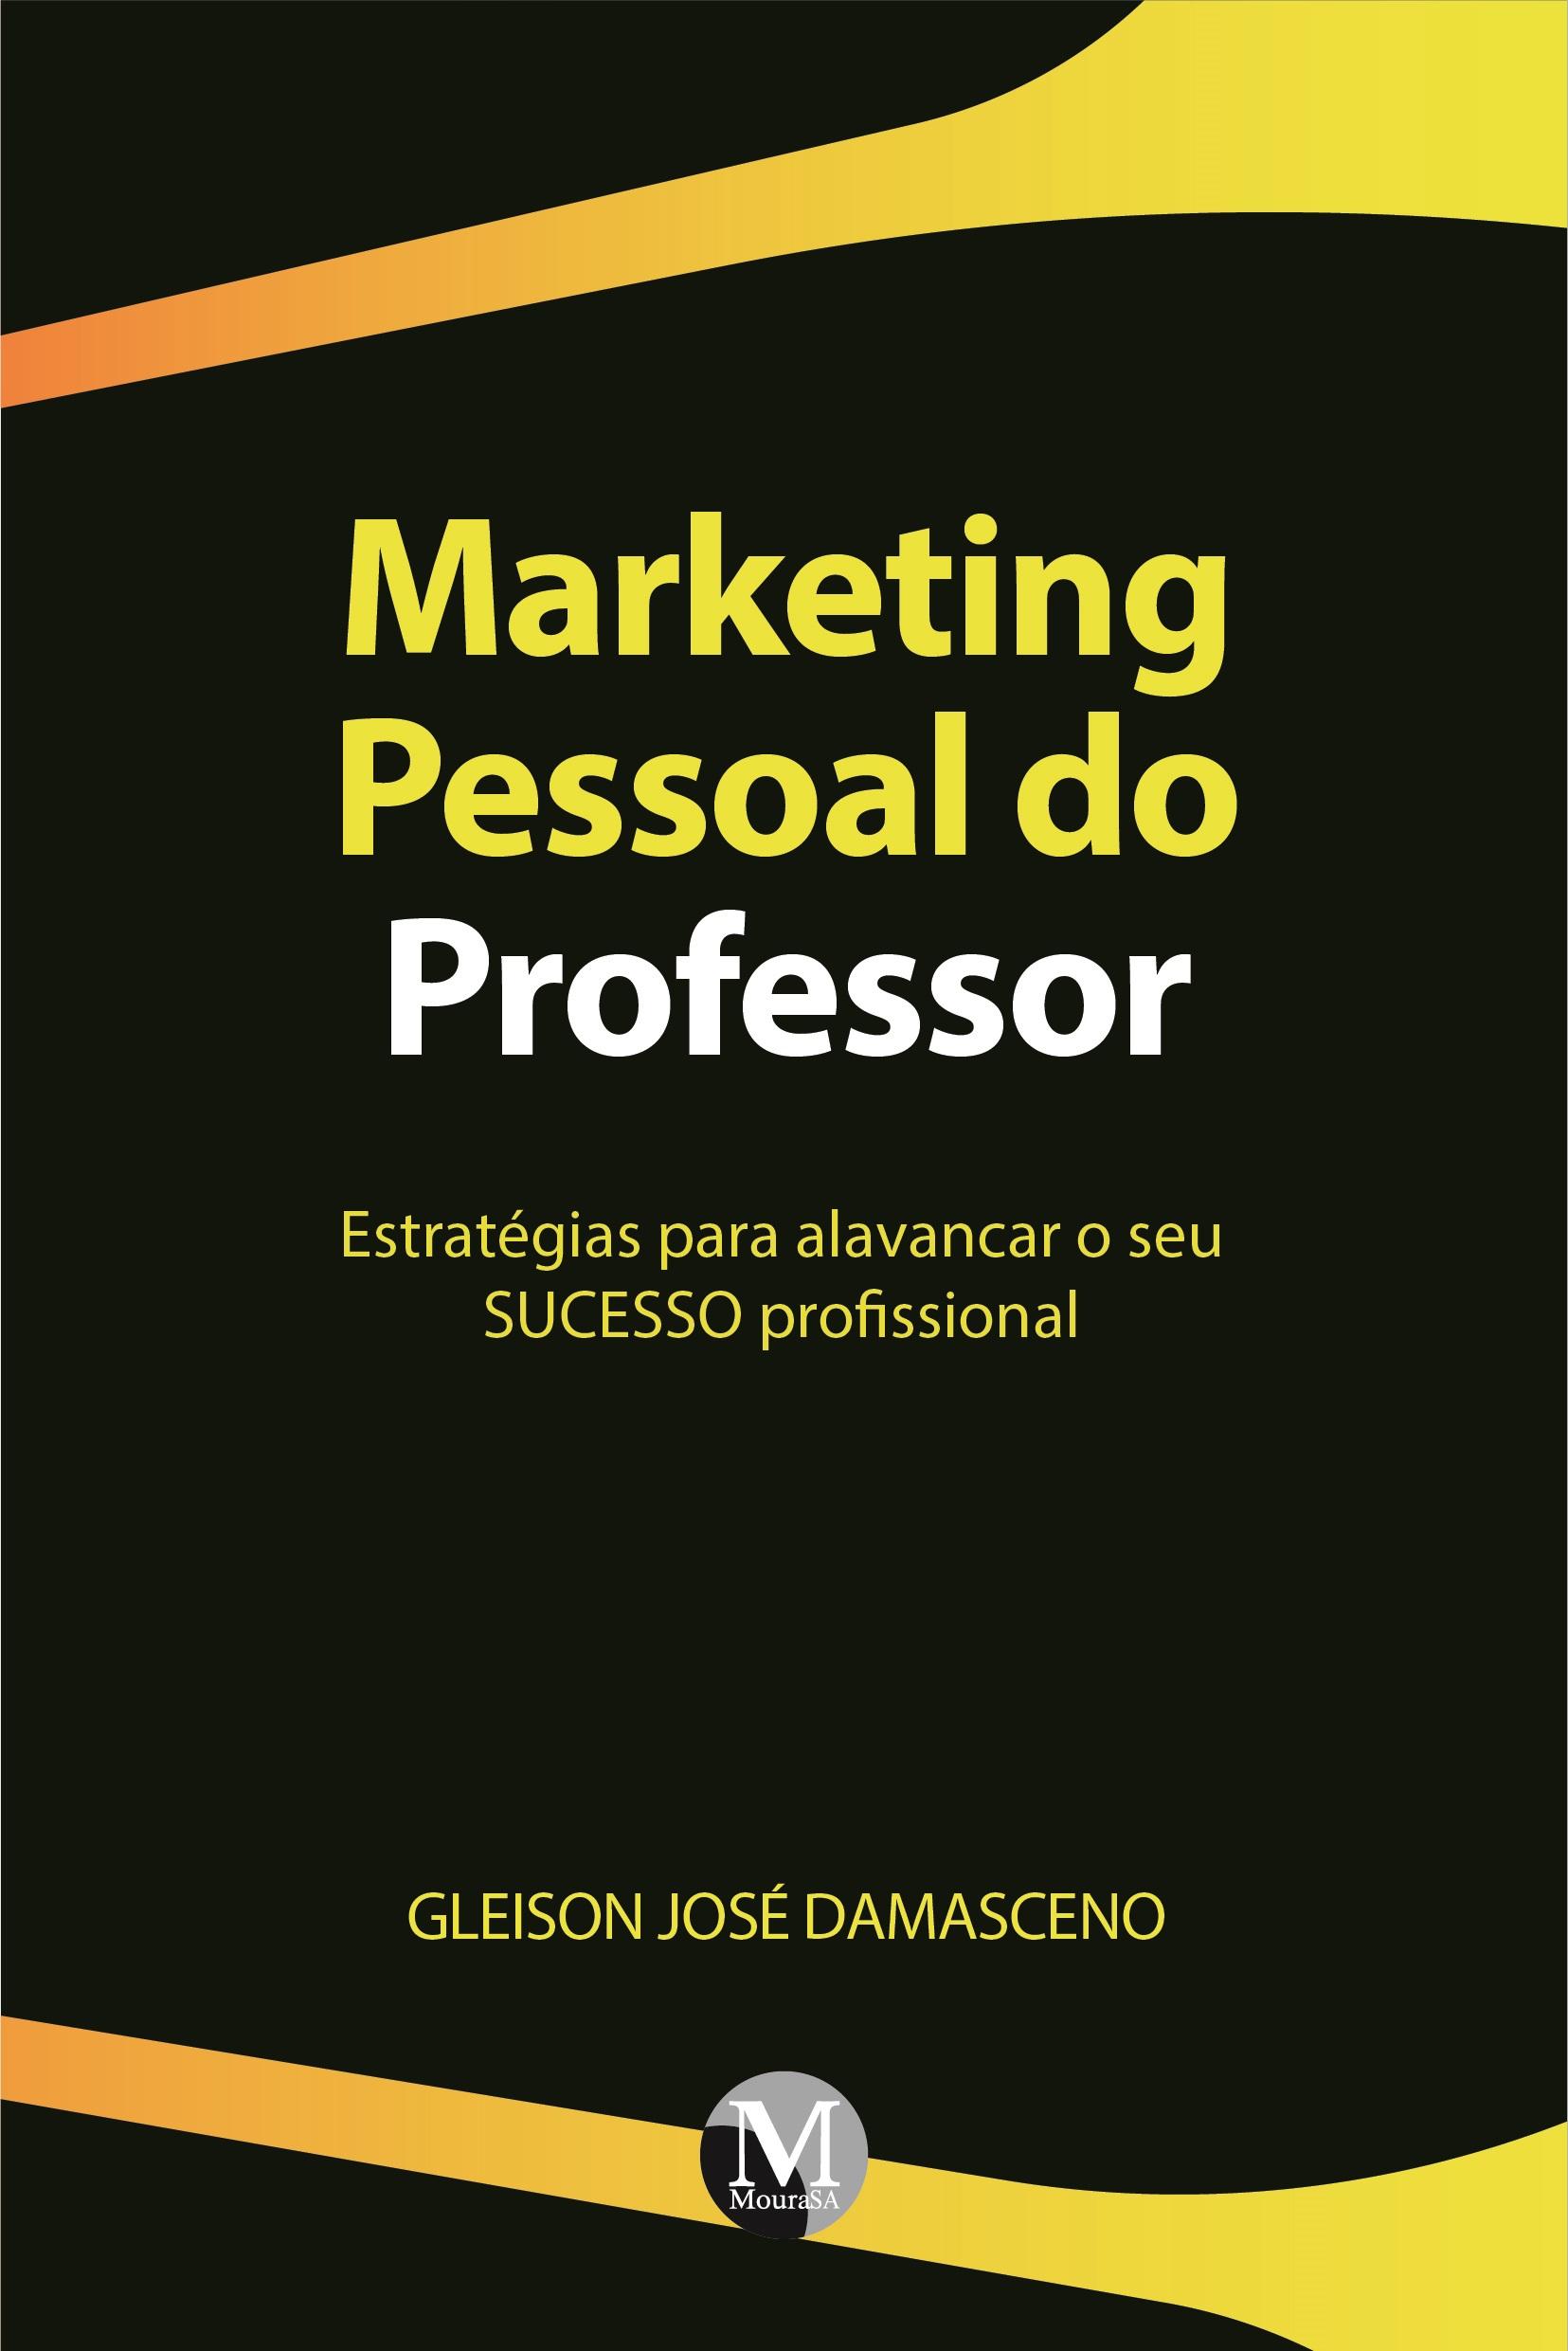 Capa do livro: MARKETING PESSOAL DO PROFESSOR: <br>Estratégias para alavancar o seu SUCESSO profissional